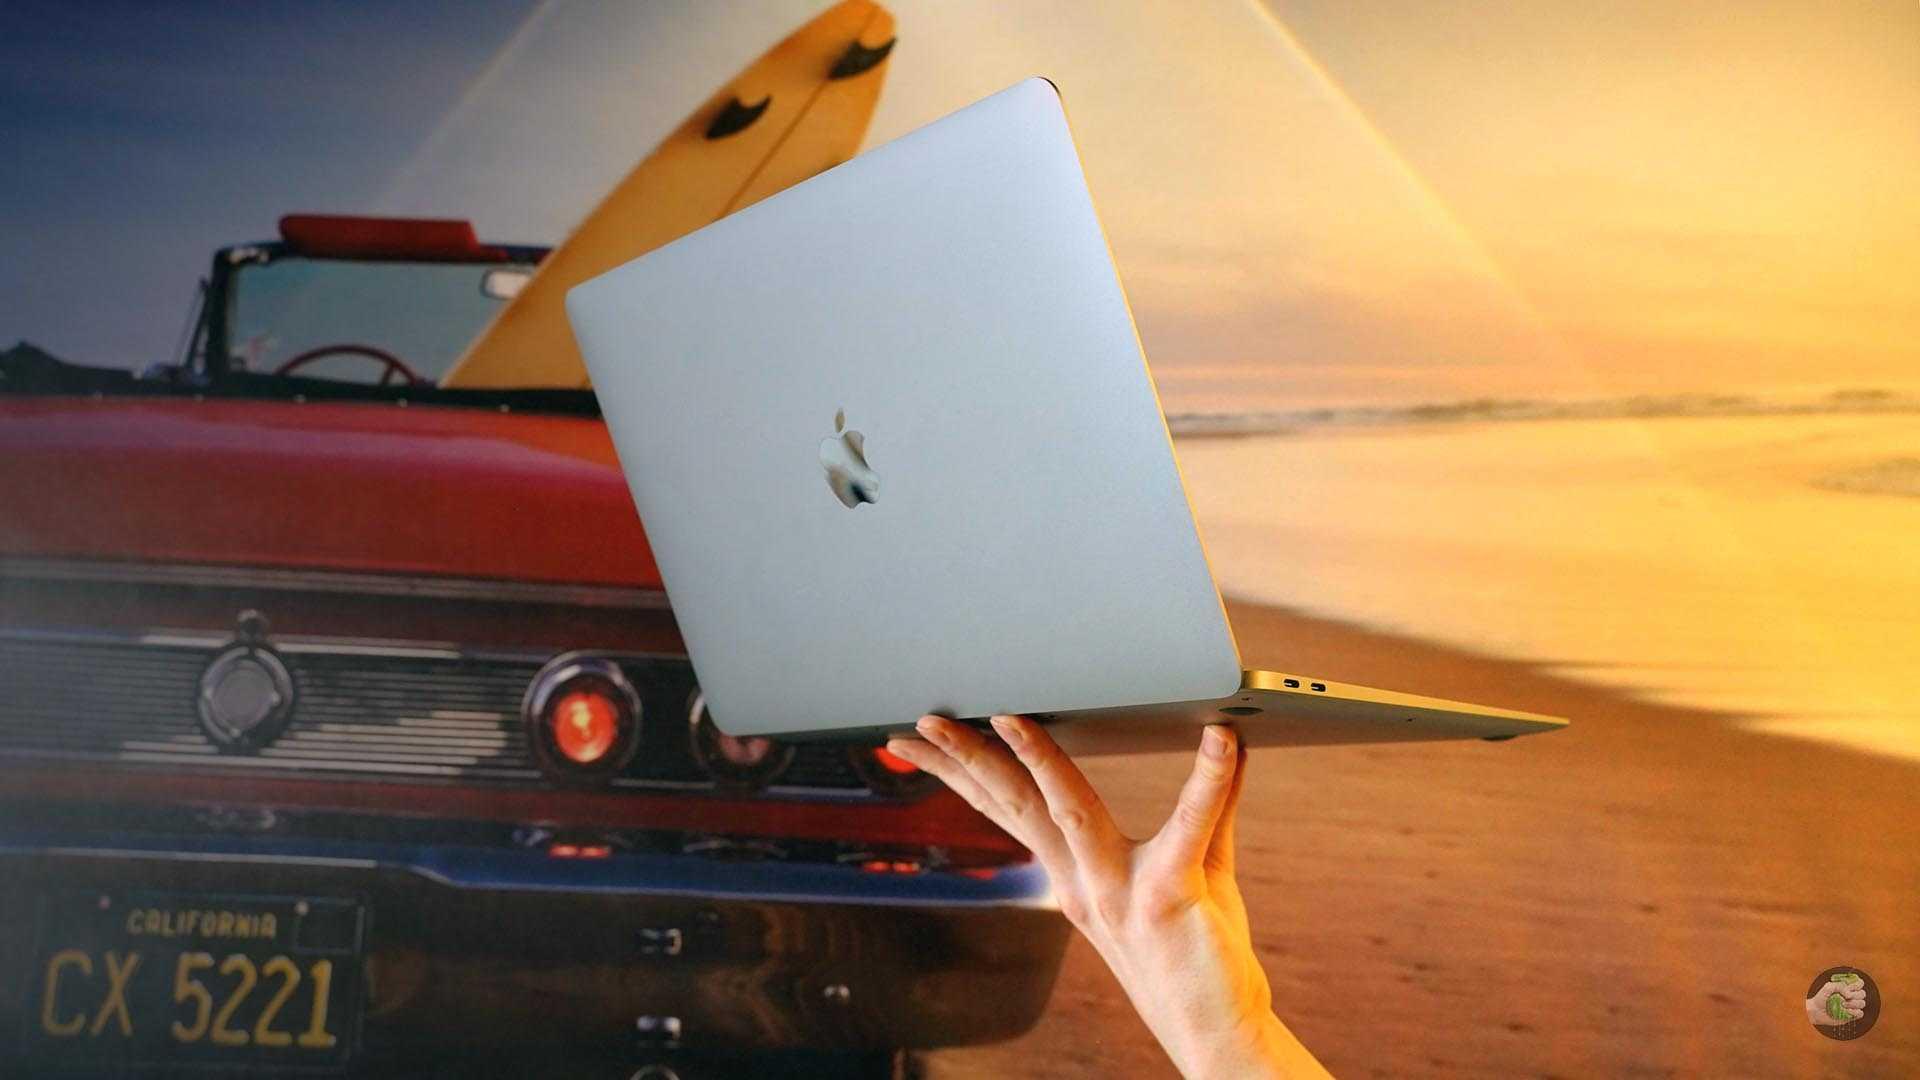 Первый день с mac после windows: какие программы устанавливать?